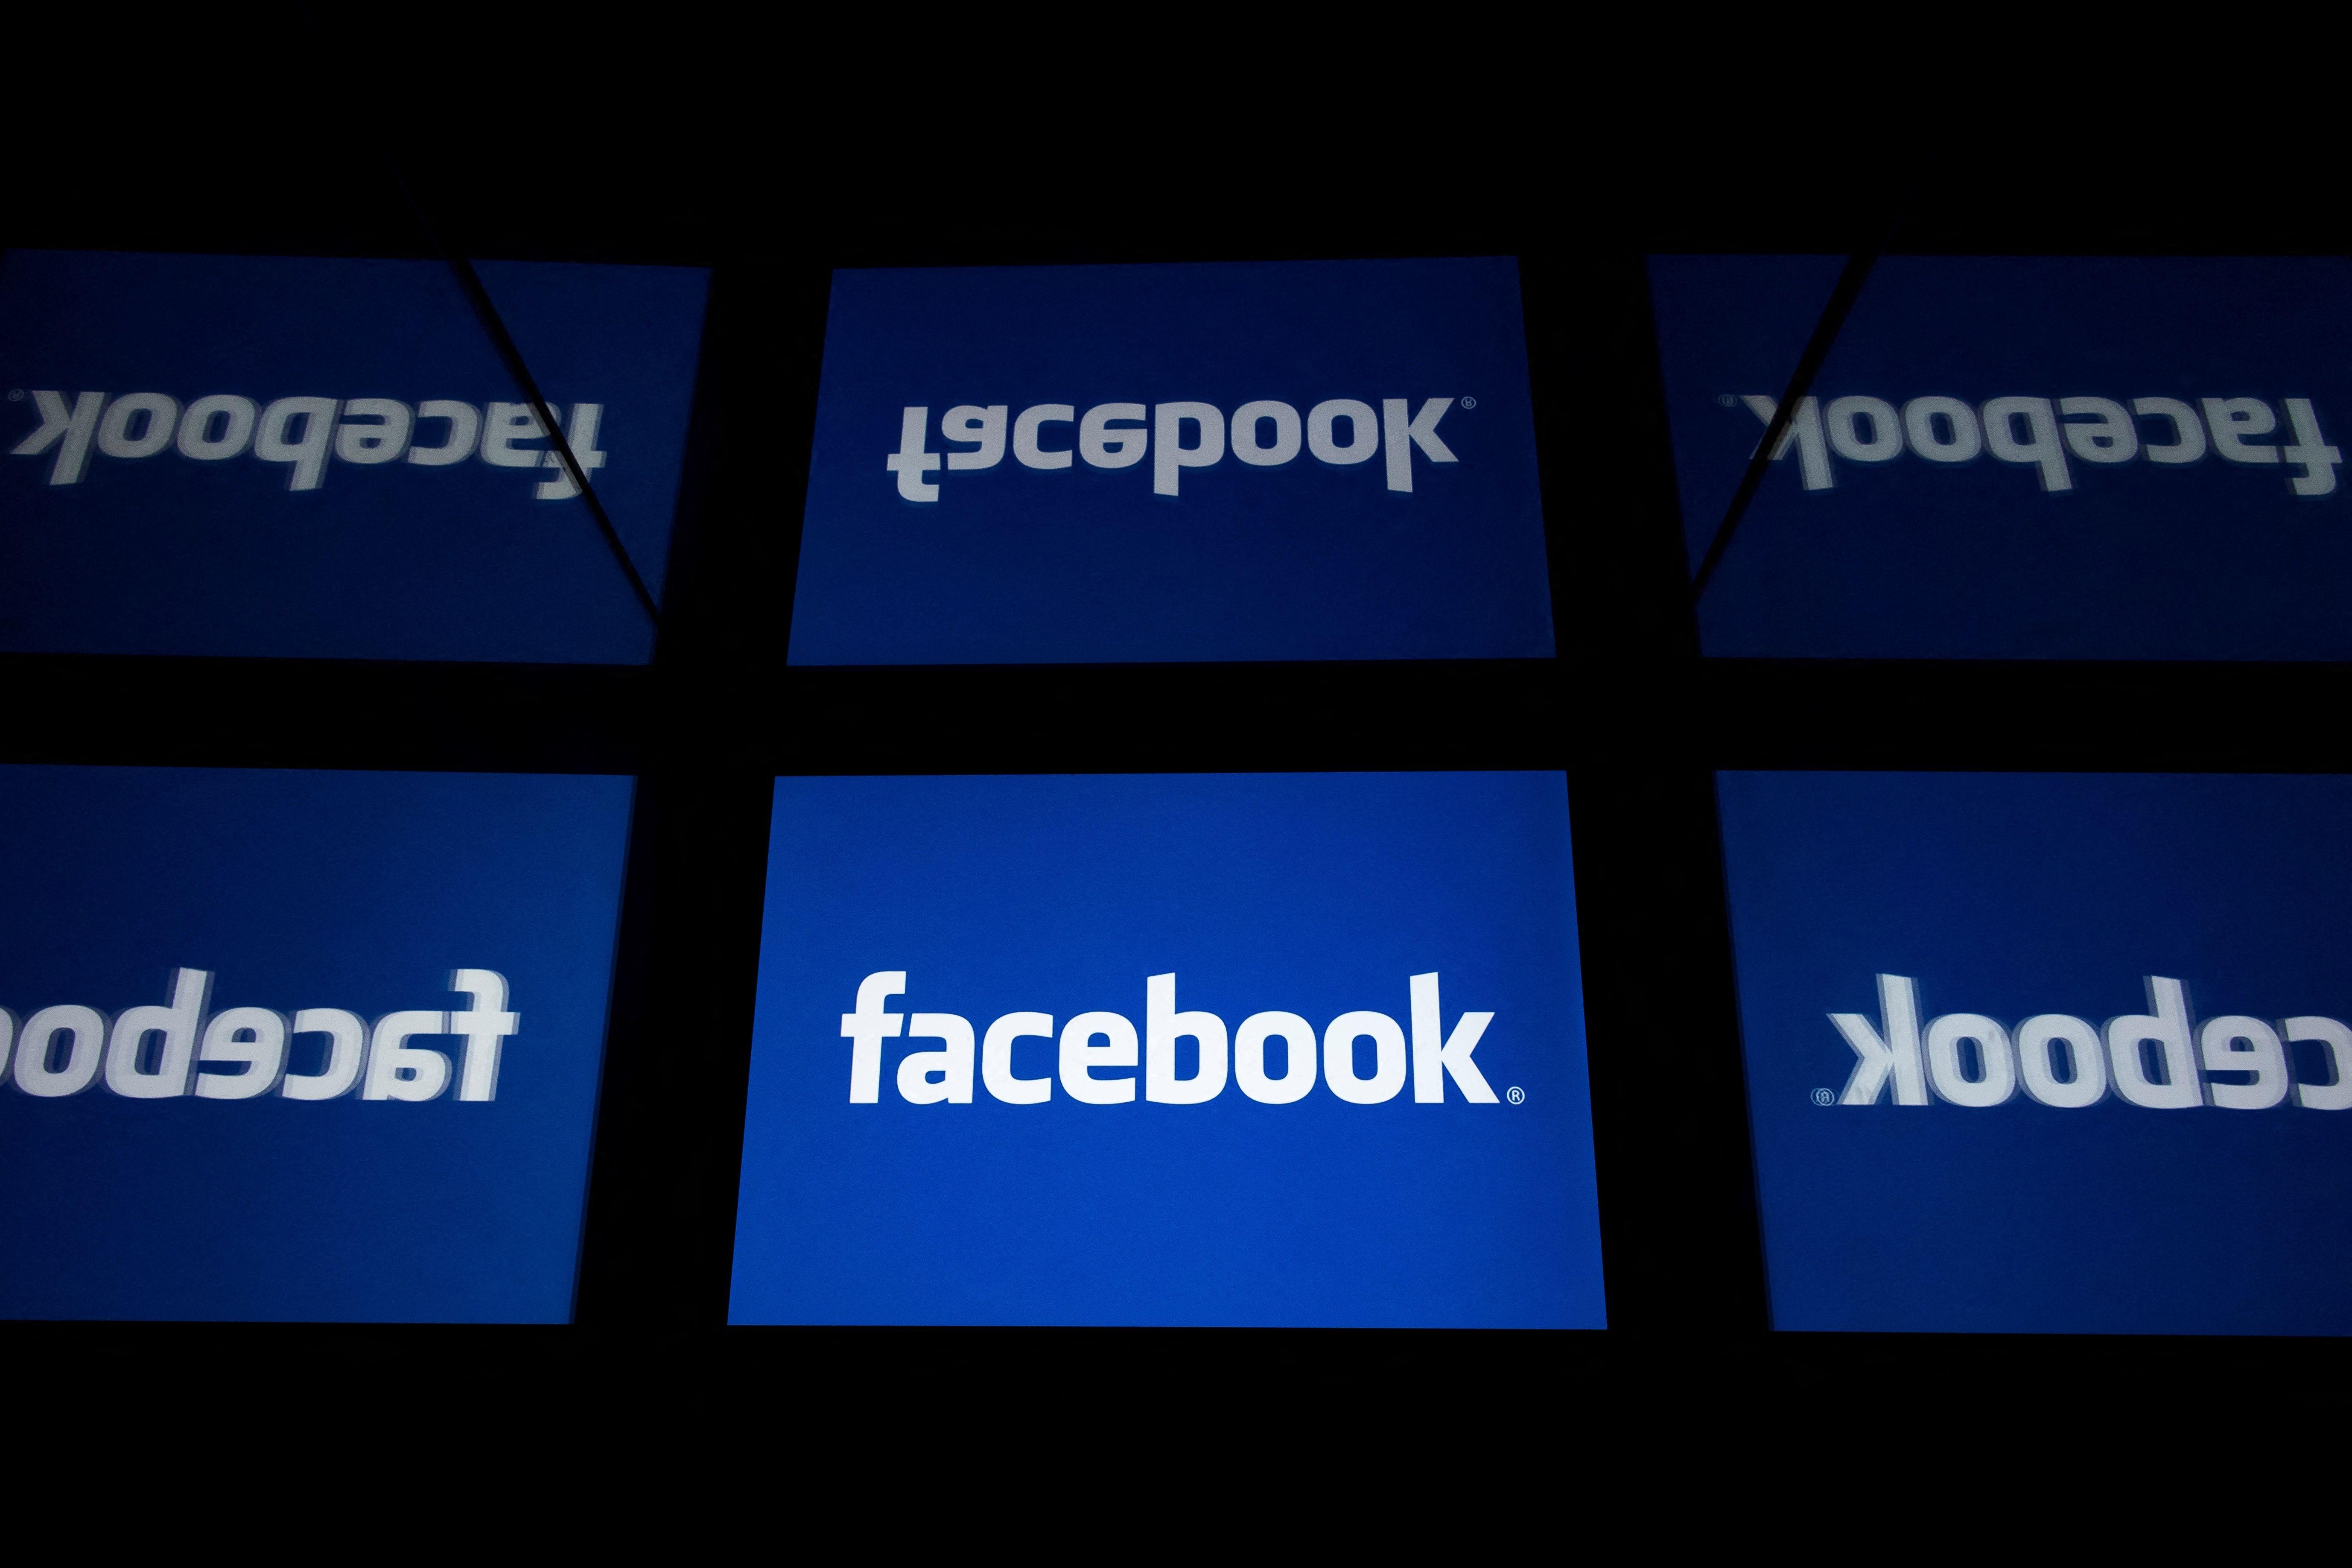 Facebook pagará 650 millones de dólares por almacenar datos ilegalmente para su reconocimiento facial